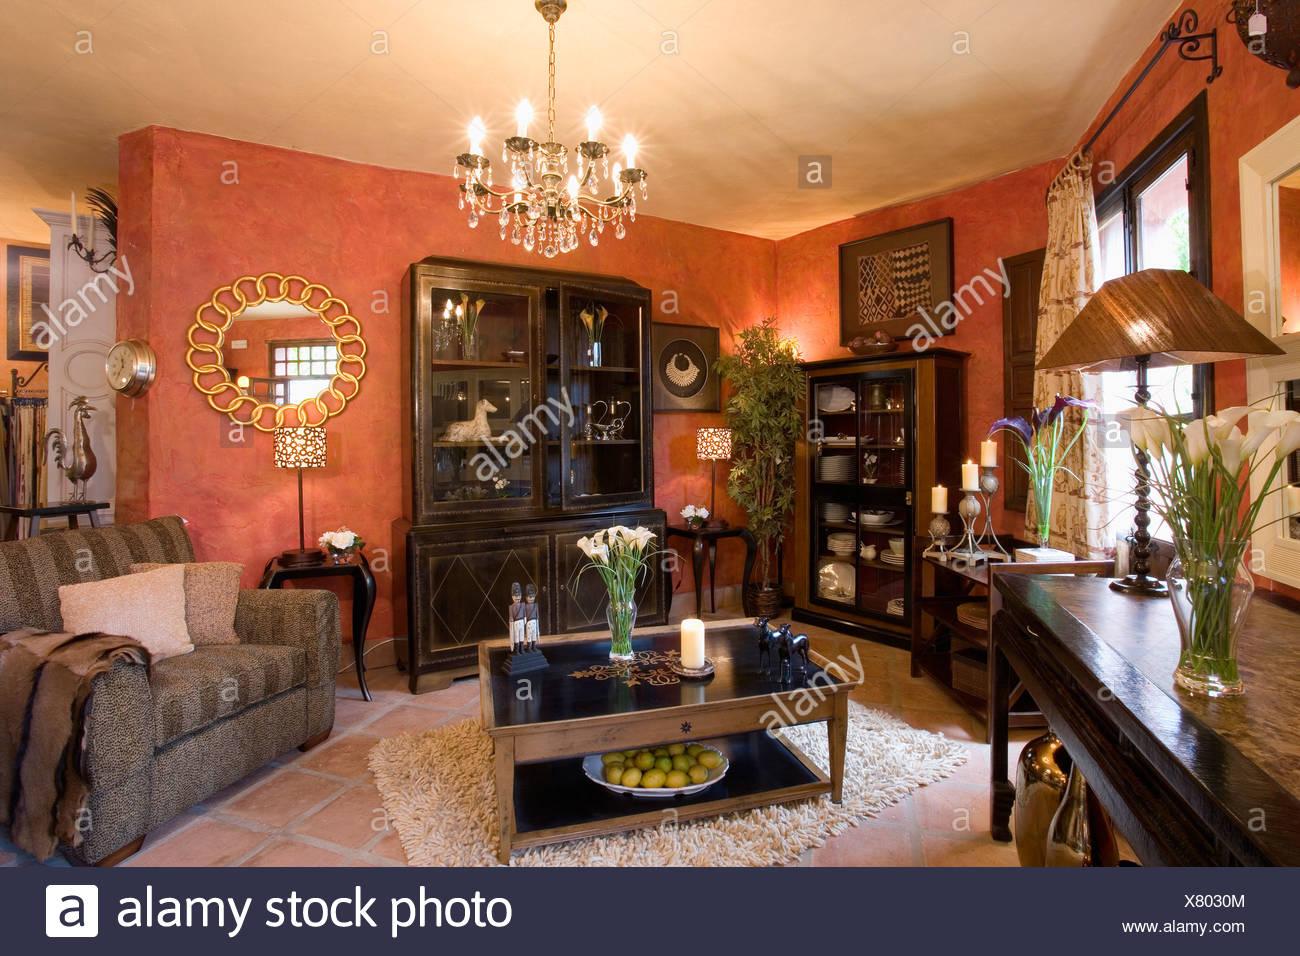 Dunkelbraune Mobel Und Moderne Kronleuchter Im Spanischen Wohnzimmer